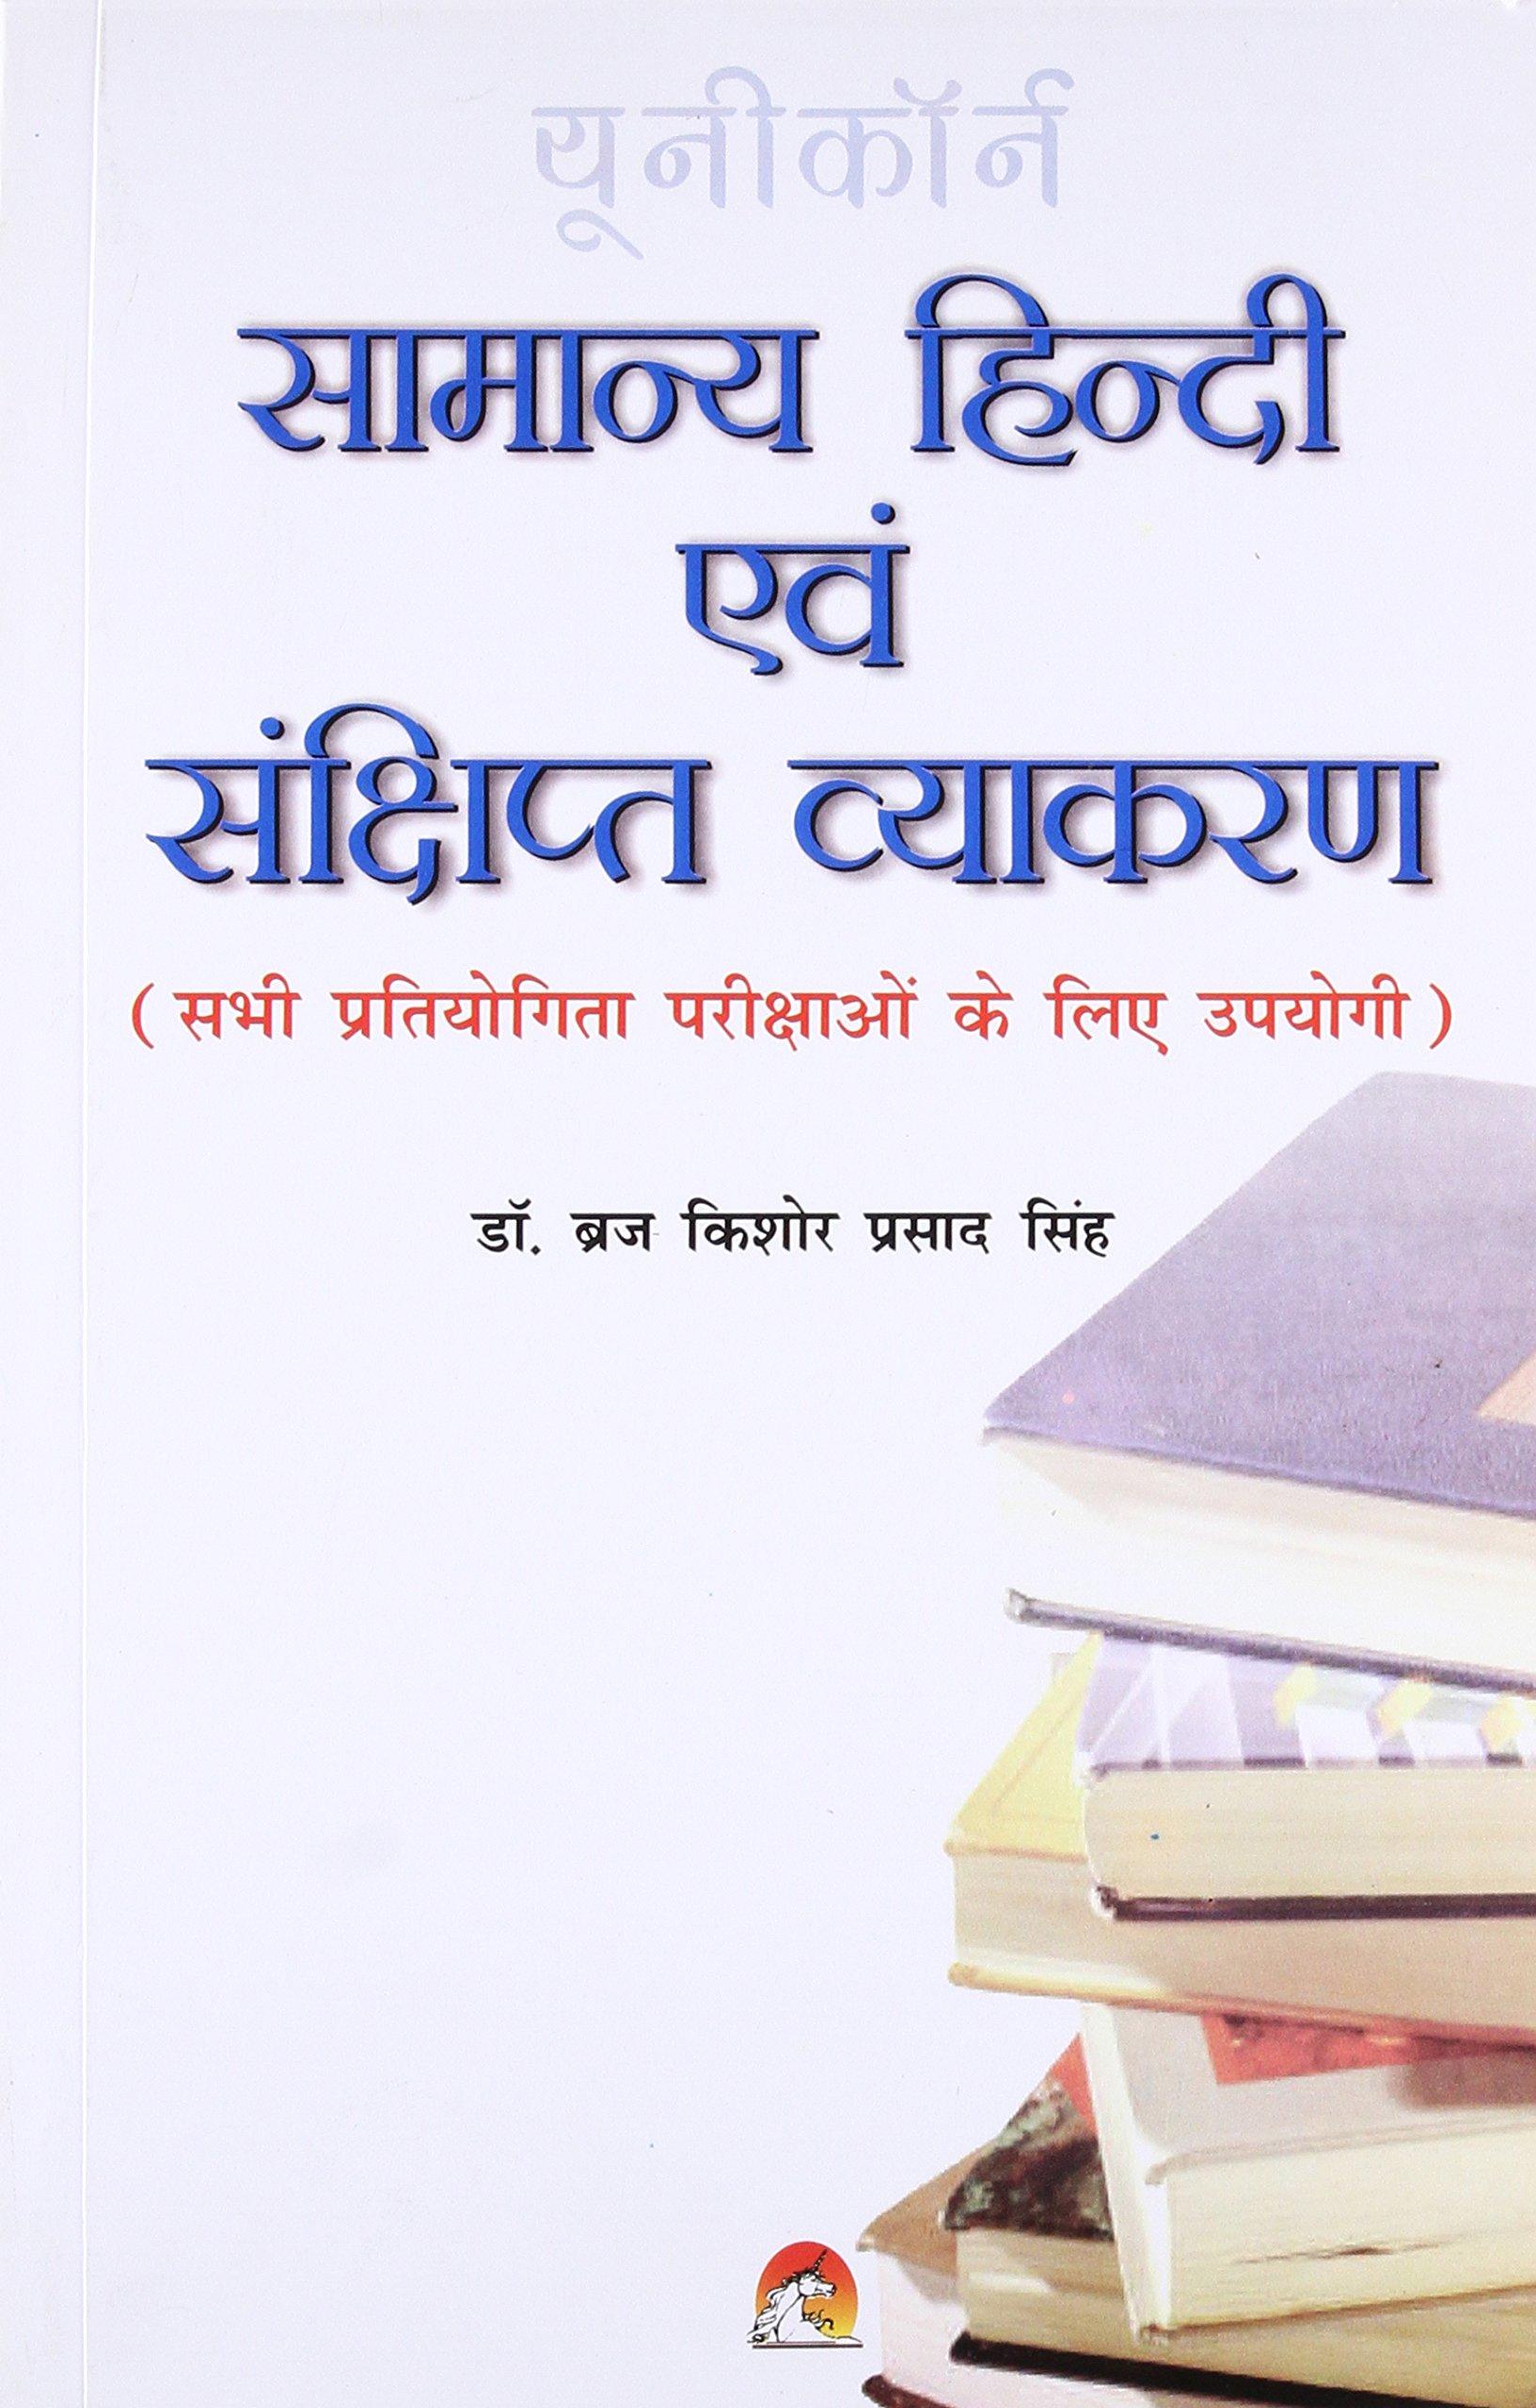 Beaches] Hindi grammar book for ias